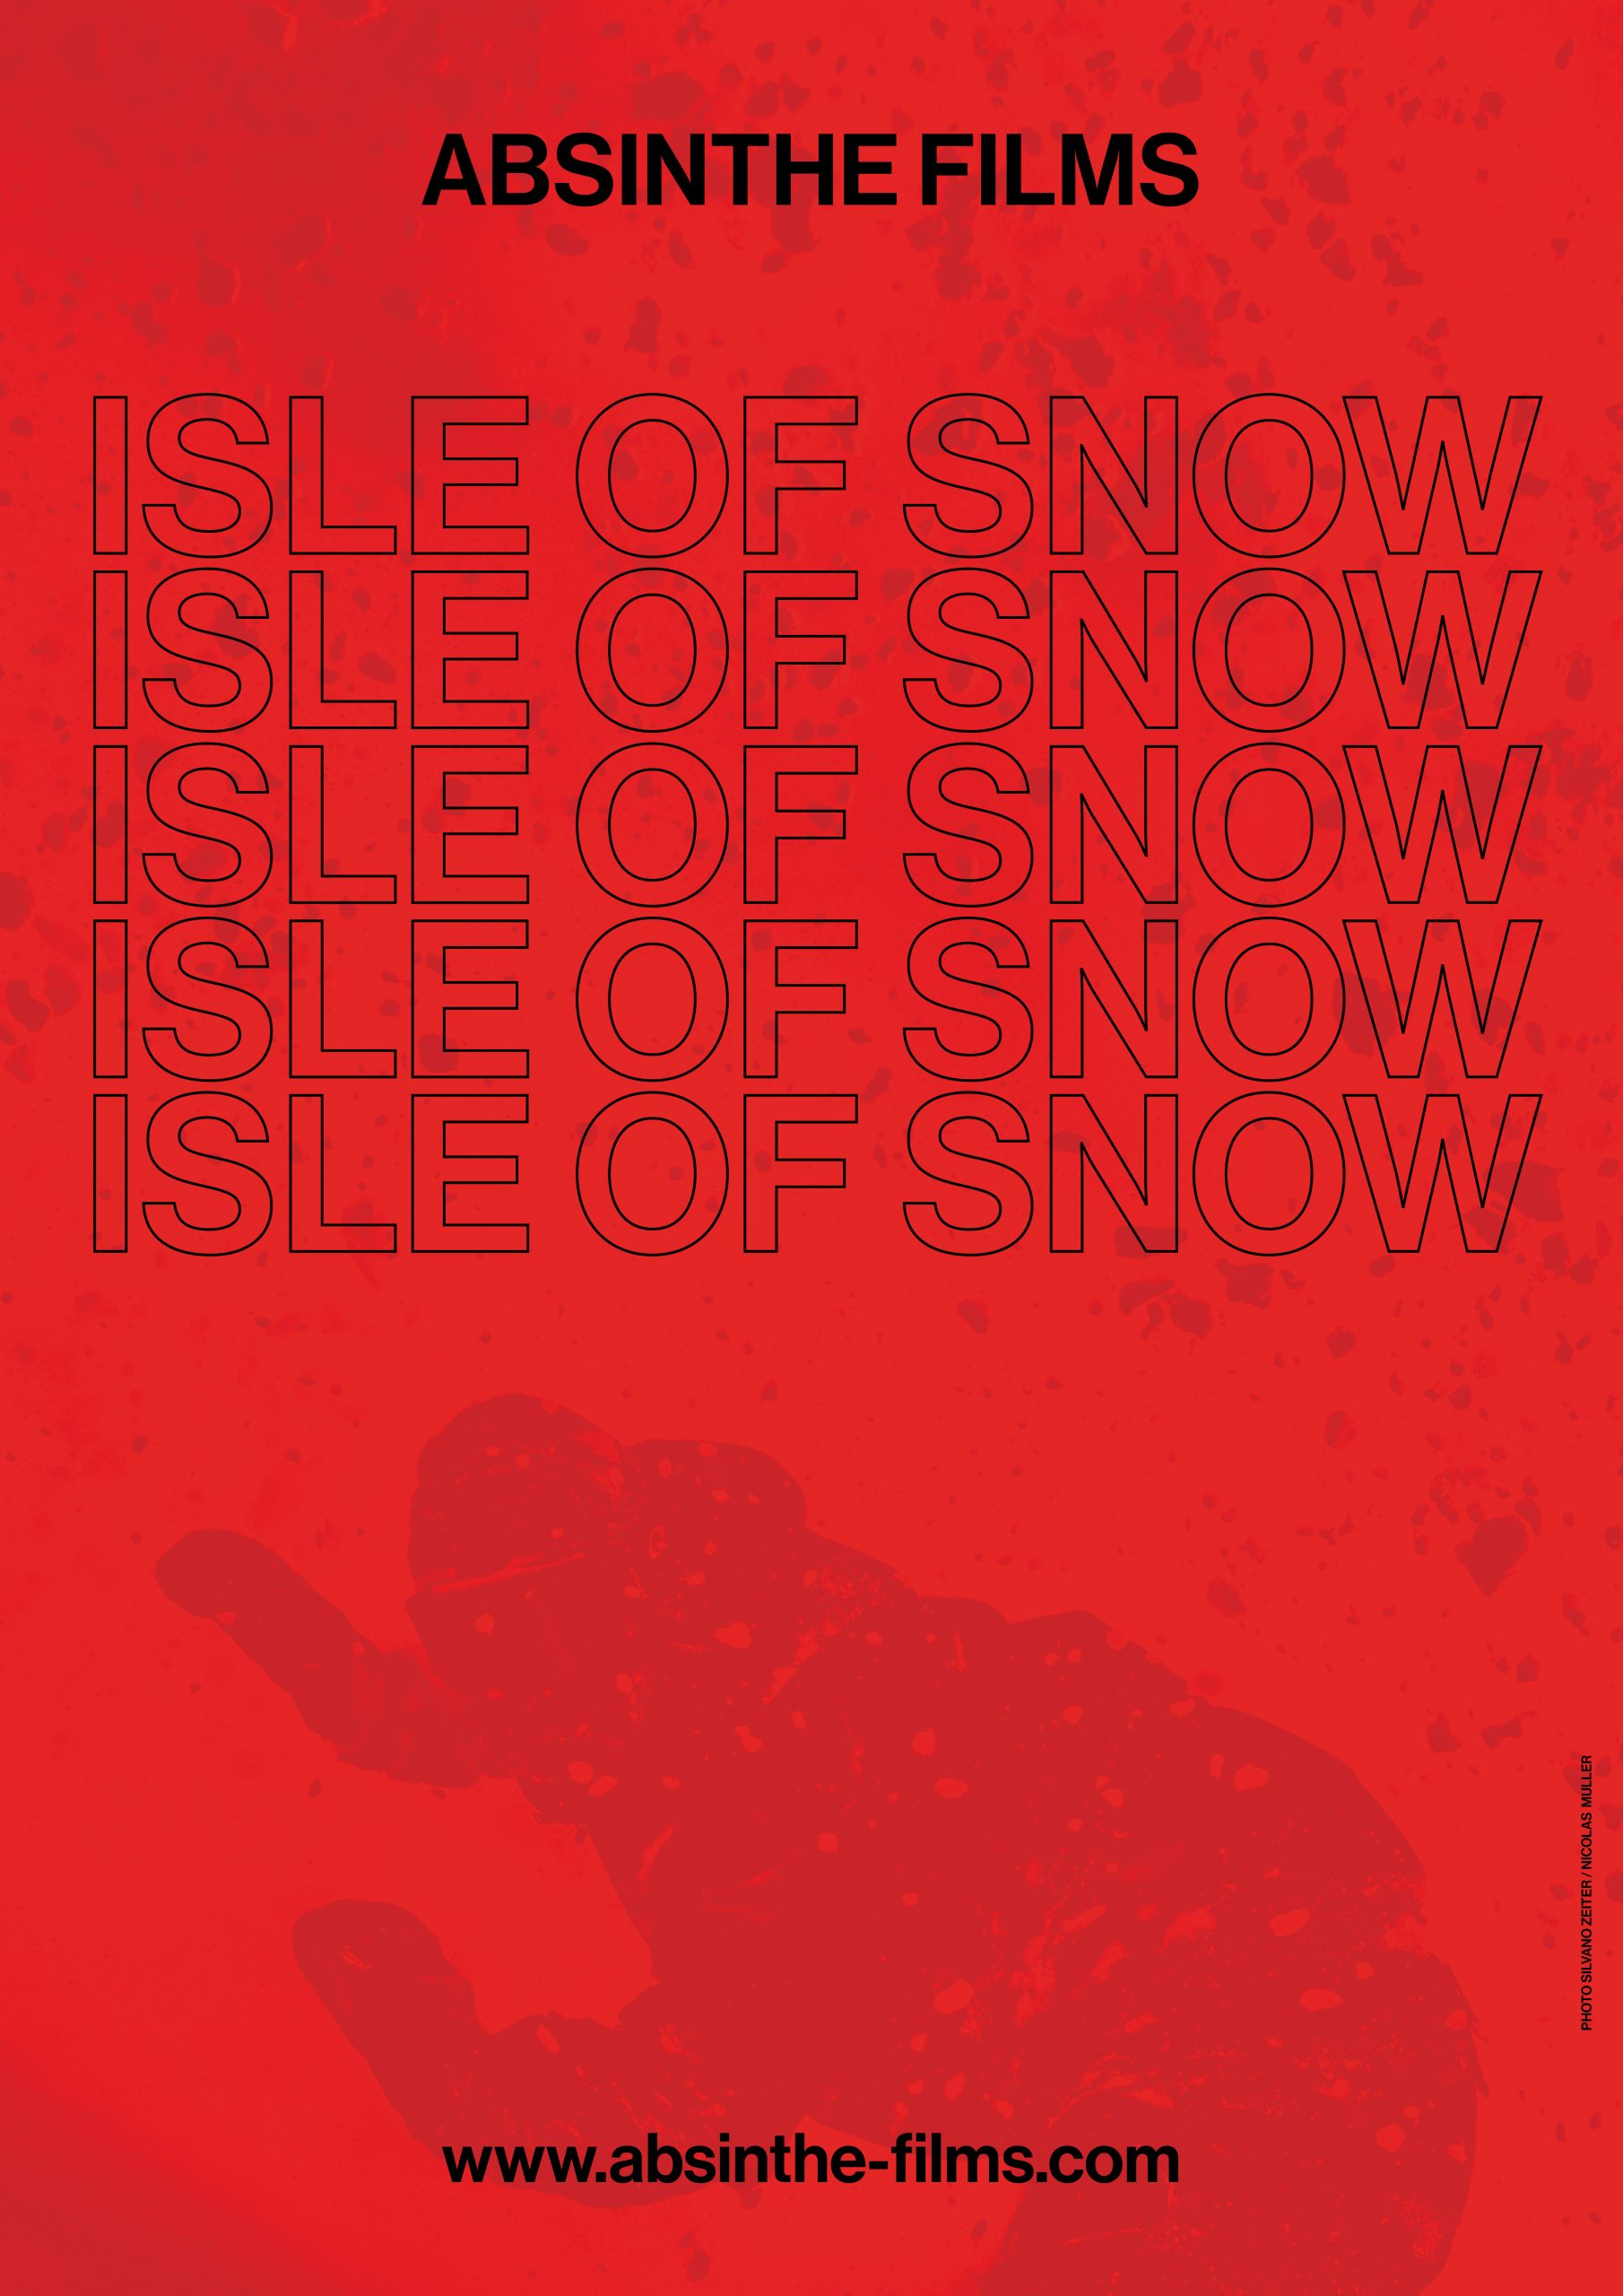 Absinthe Films Isle of Snow European Tour